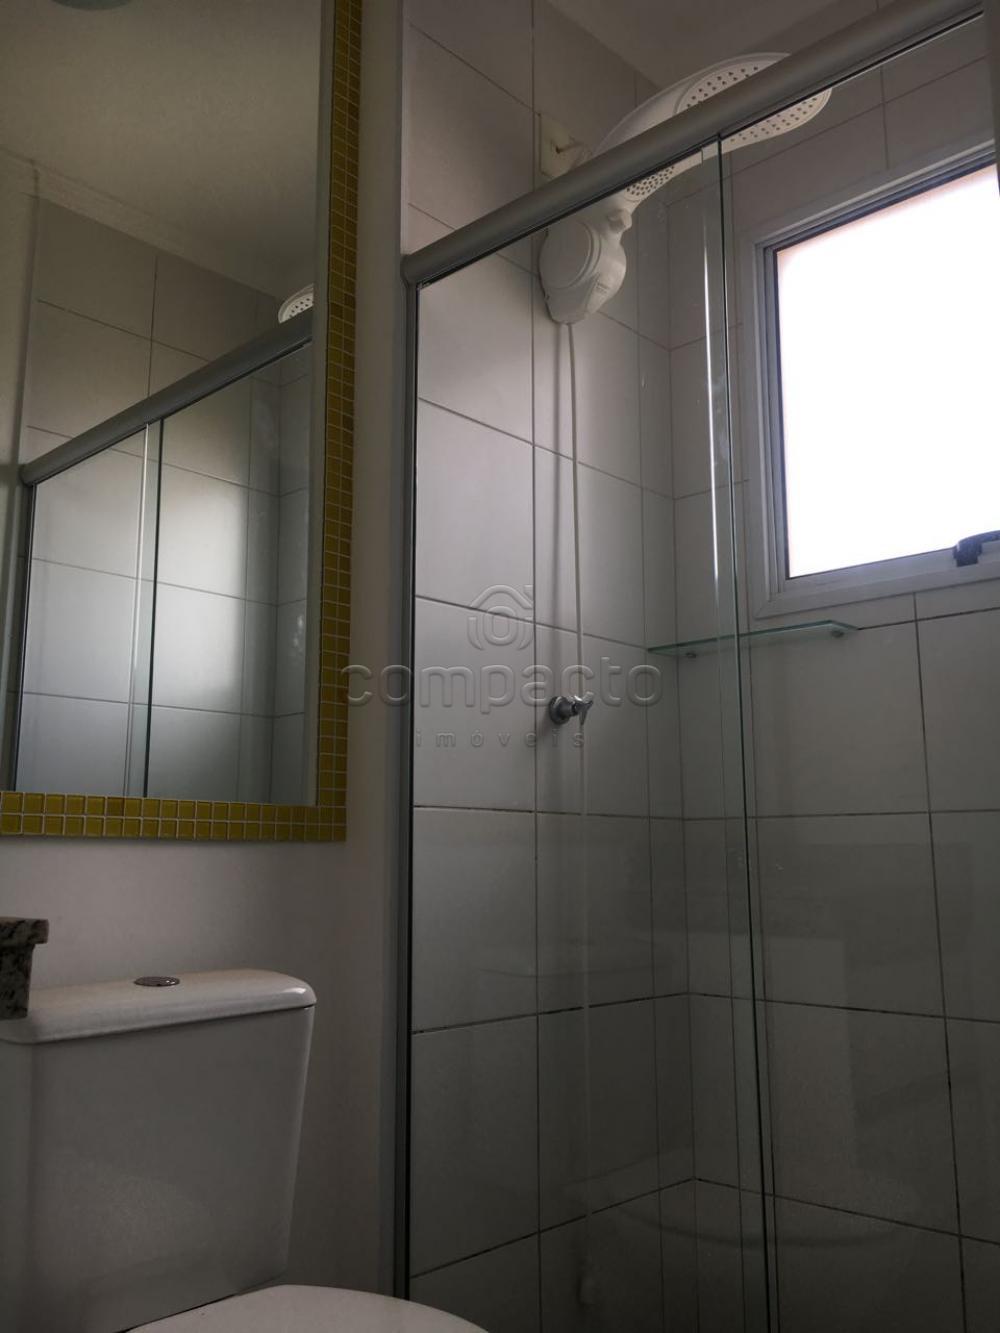 Comprar Casa / Condomínio em São José do Rio Preto apenas R$ 375.000,00 - Foto 8